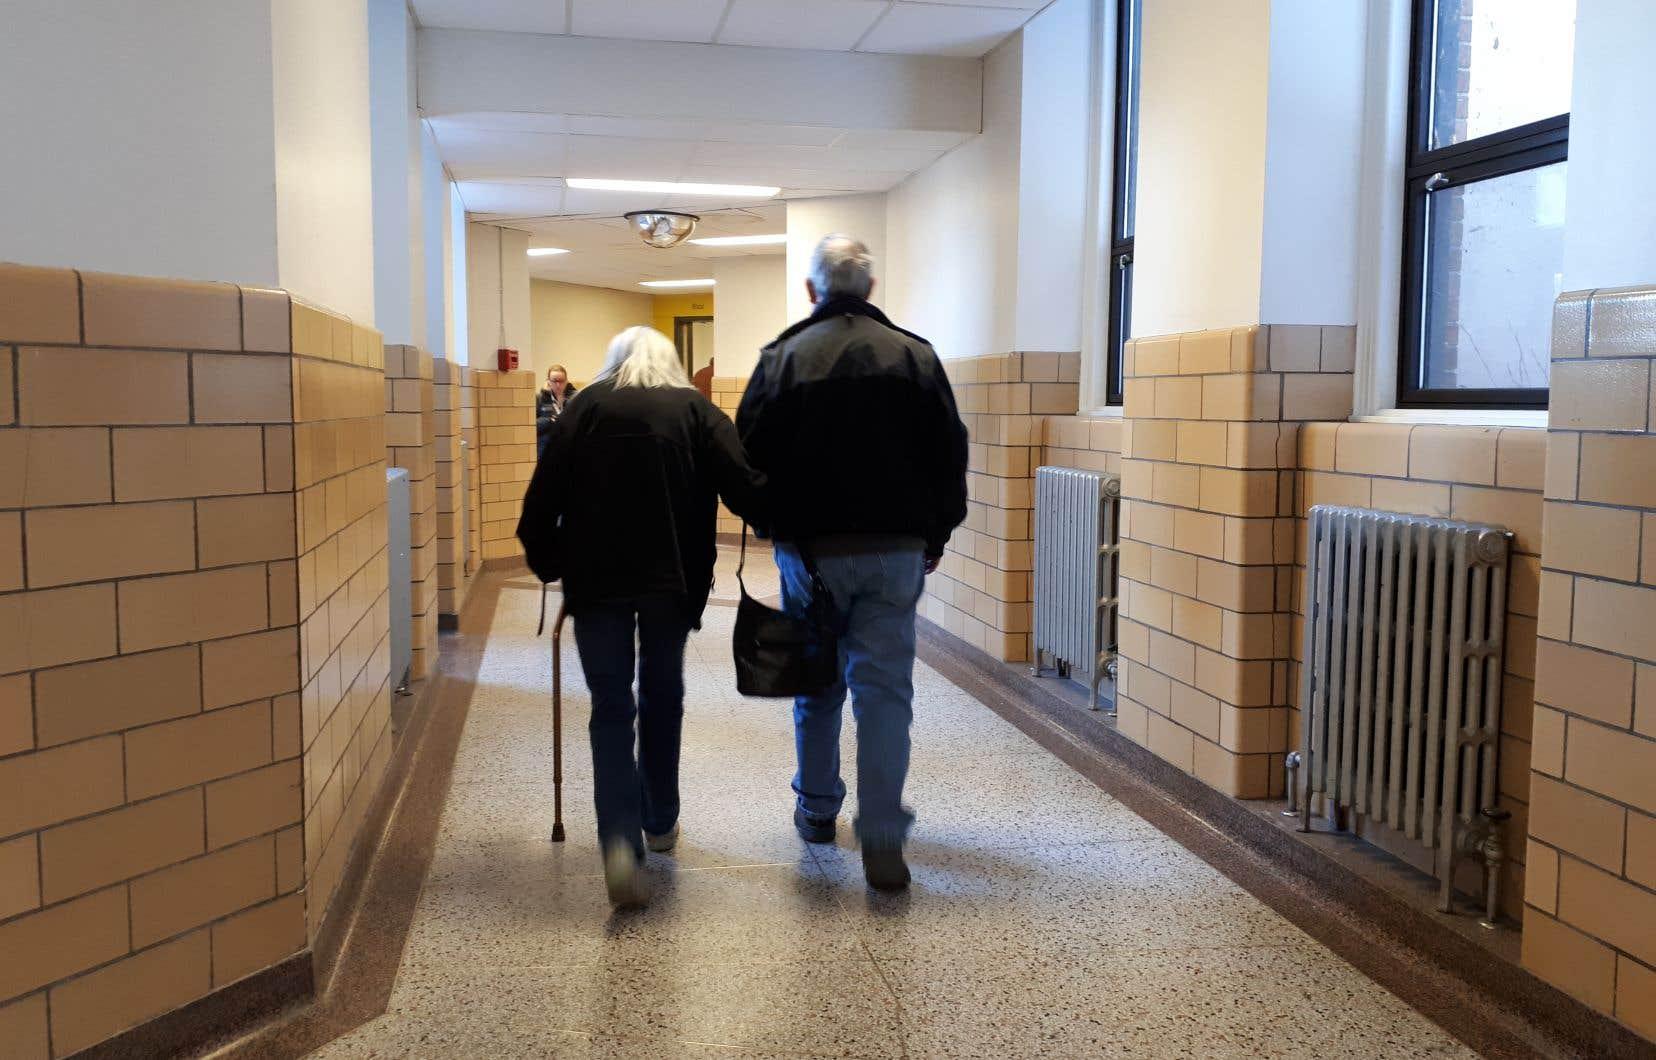 La réalité est implacable: le poids des dépenses en santé d'une population vieillissante ira en augmentant, signale l'auteur.